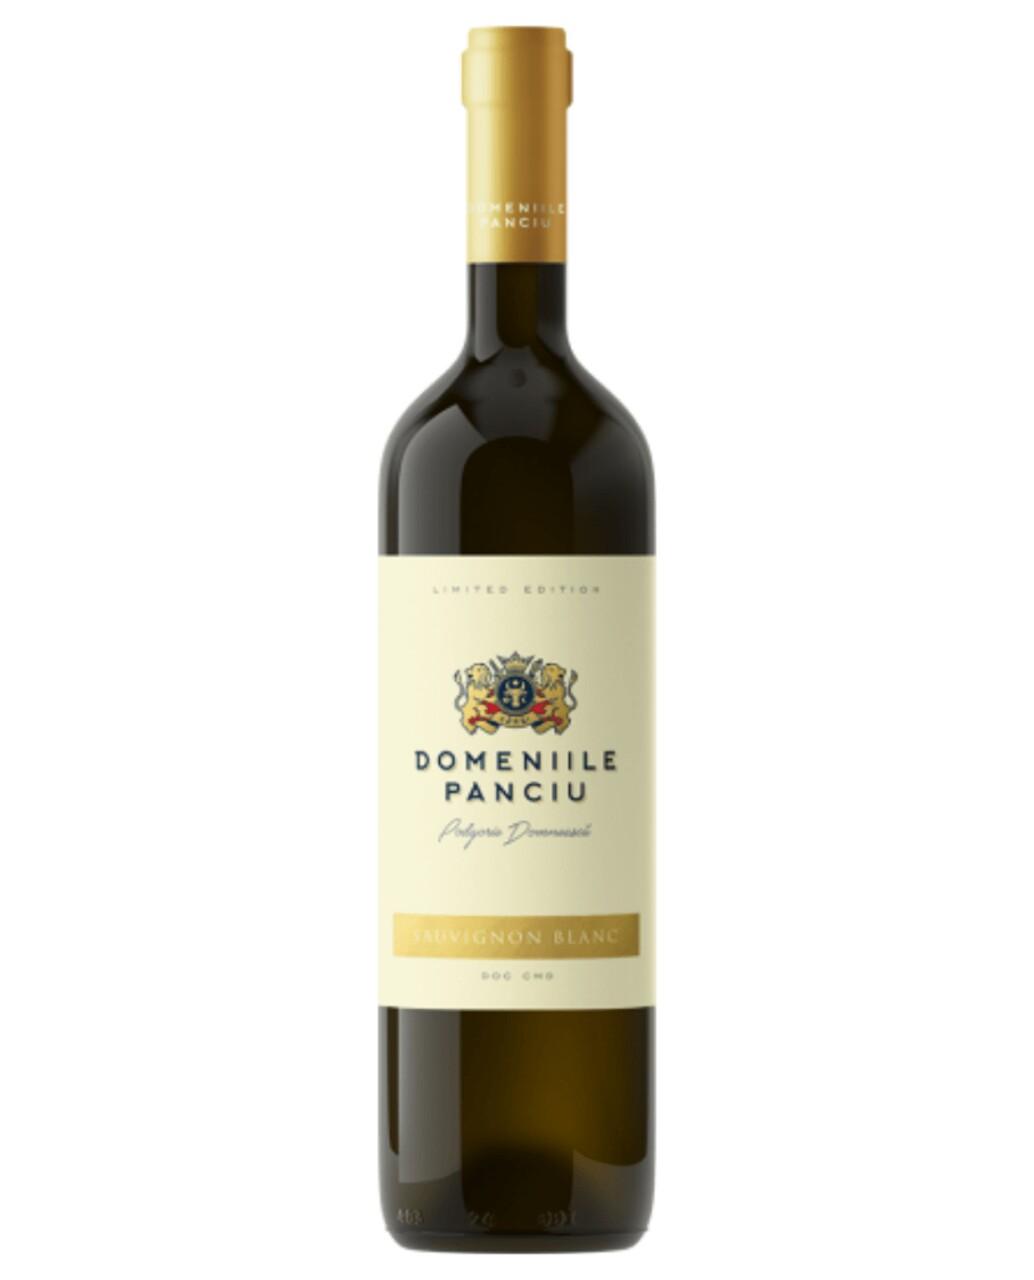 Domeniile Panciu Sauvignon Blanc